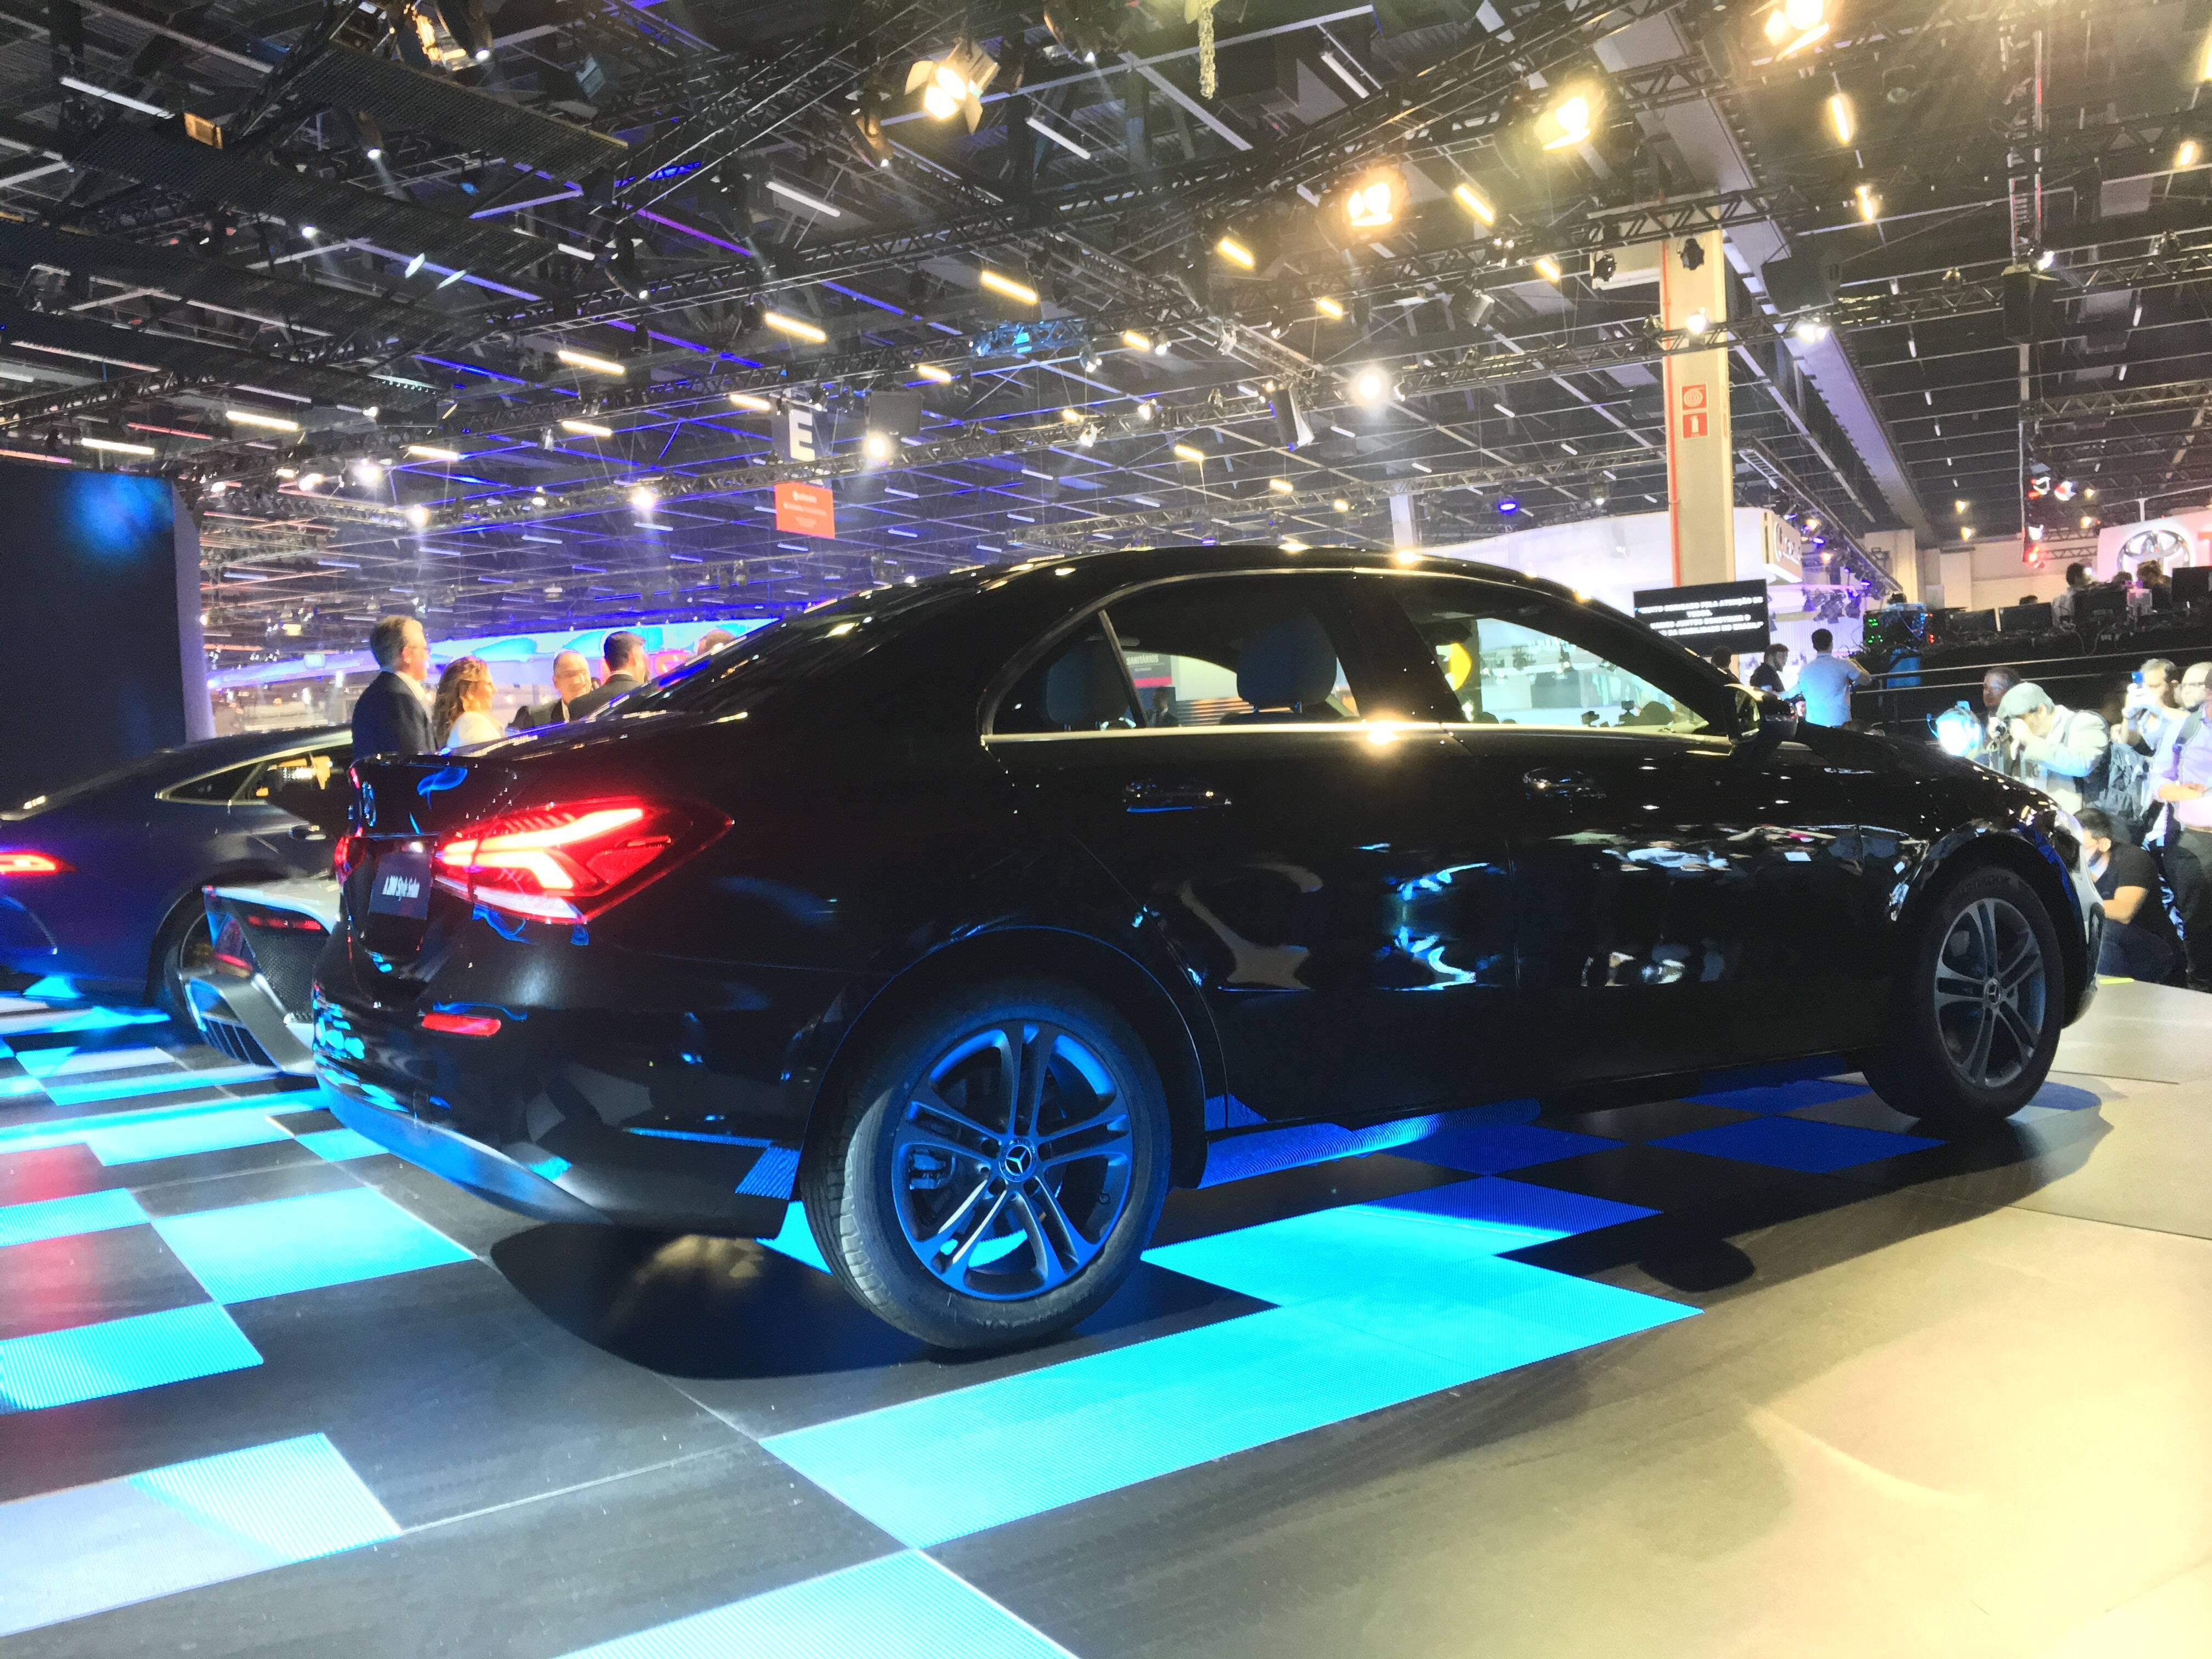 Mercedes no Salão do Automóvel 2018. Foto: Guilherme Menezes/iG